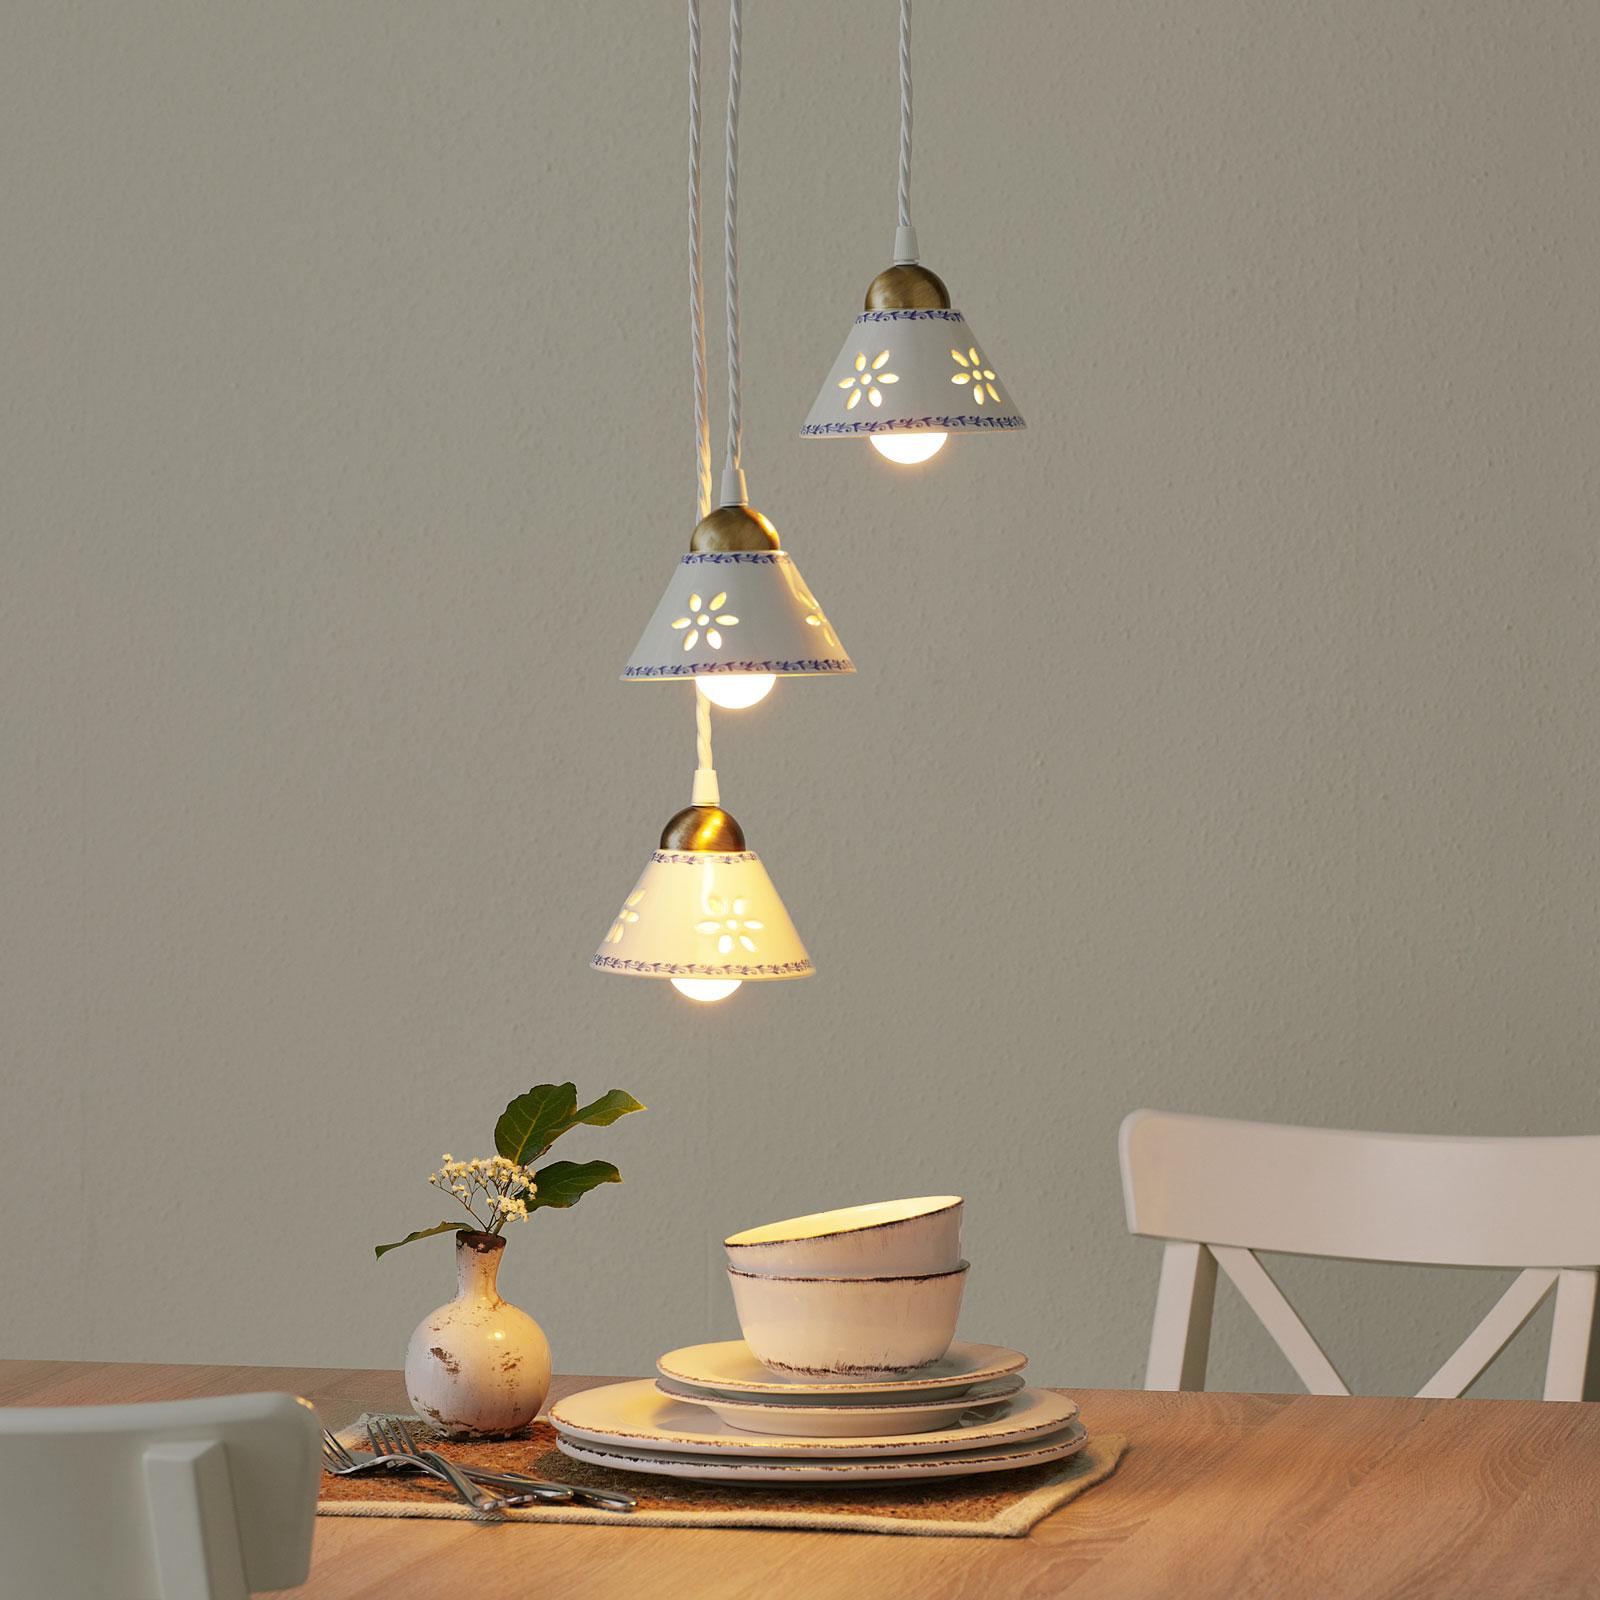 Lampa wisząca NONNA z białej ceramiki 3 punktowa